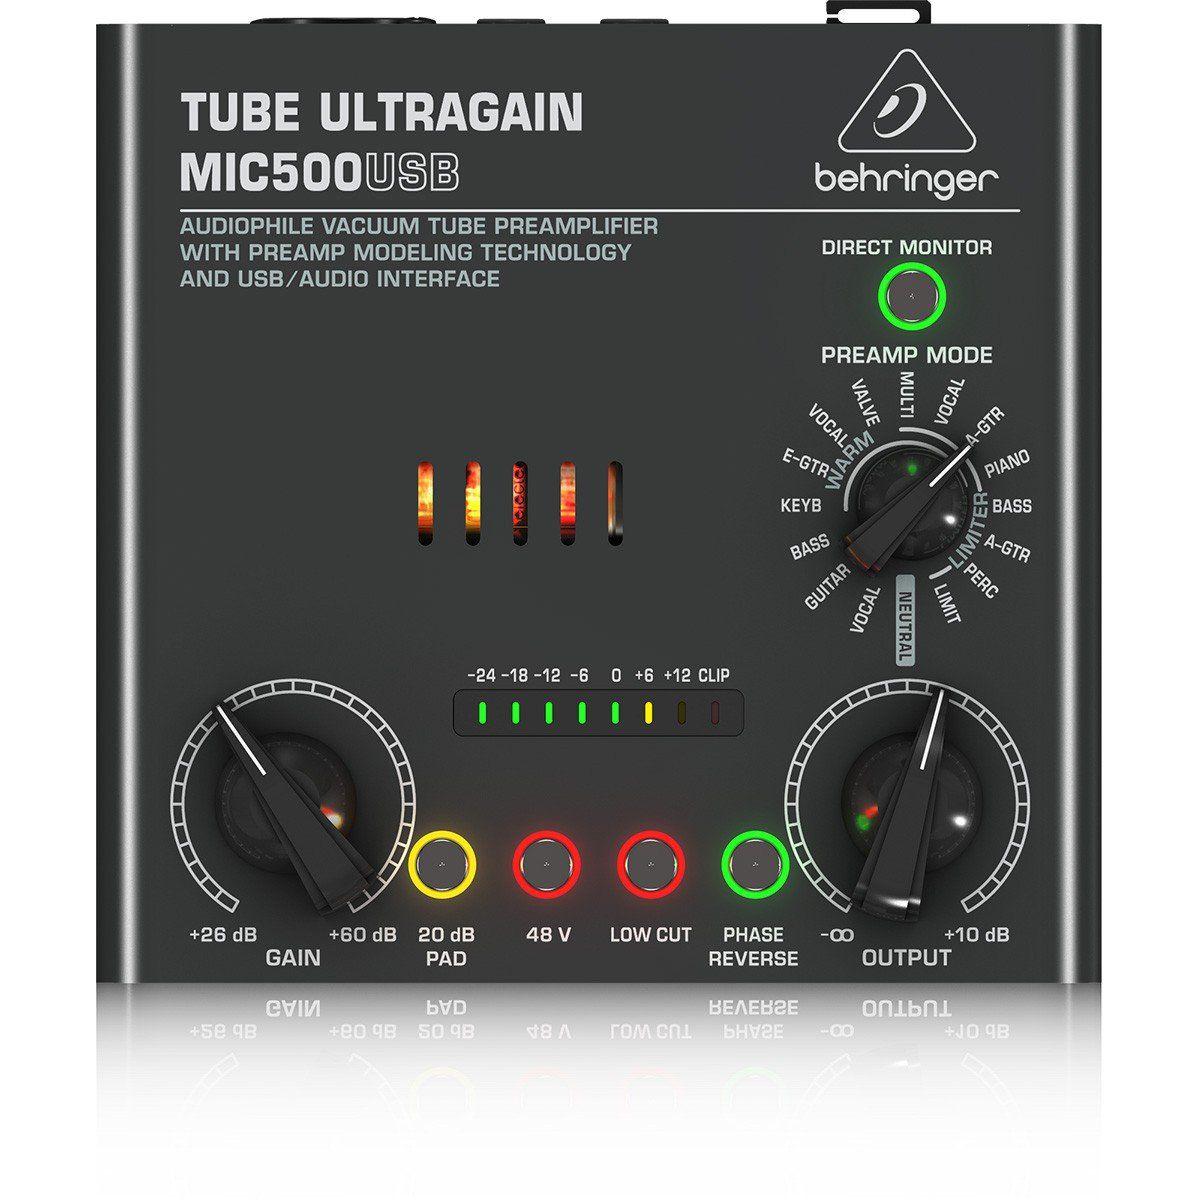 Behringer Tube Ultragain MIC500 Pré Amplificador Tube Ultragain MIC500 Usb Bi-Volt